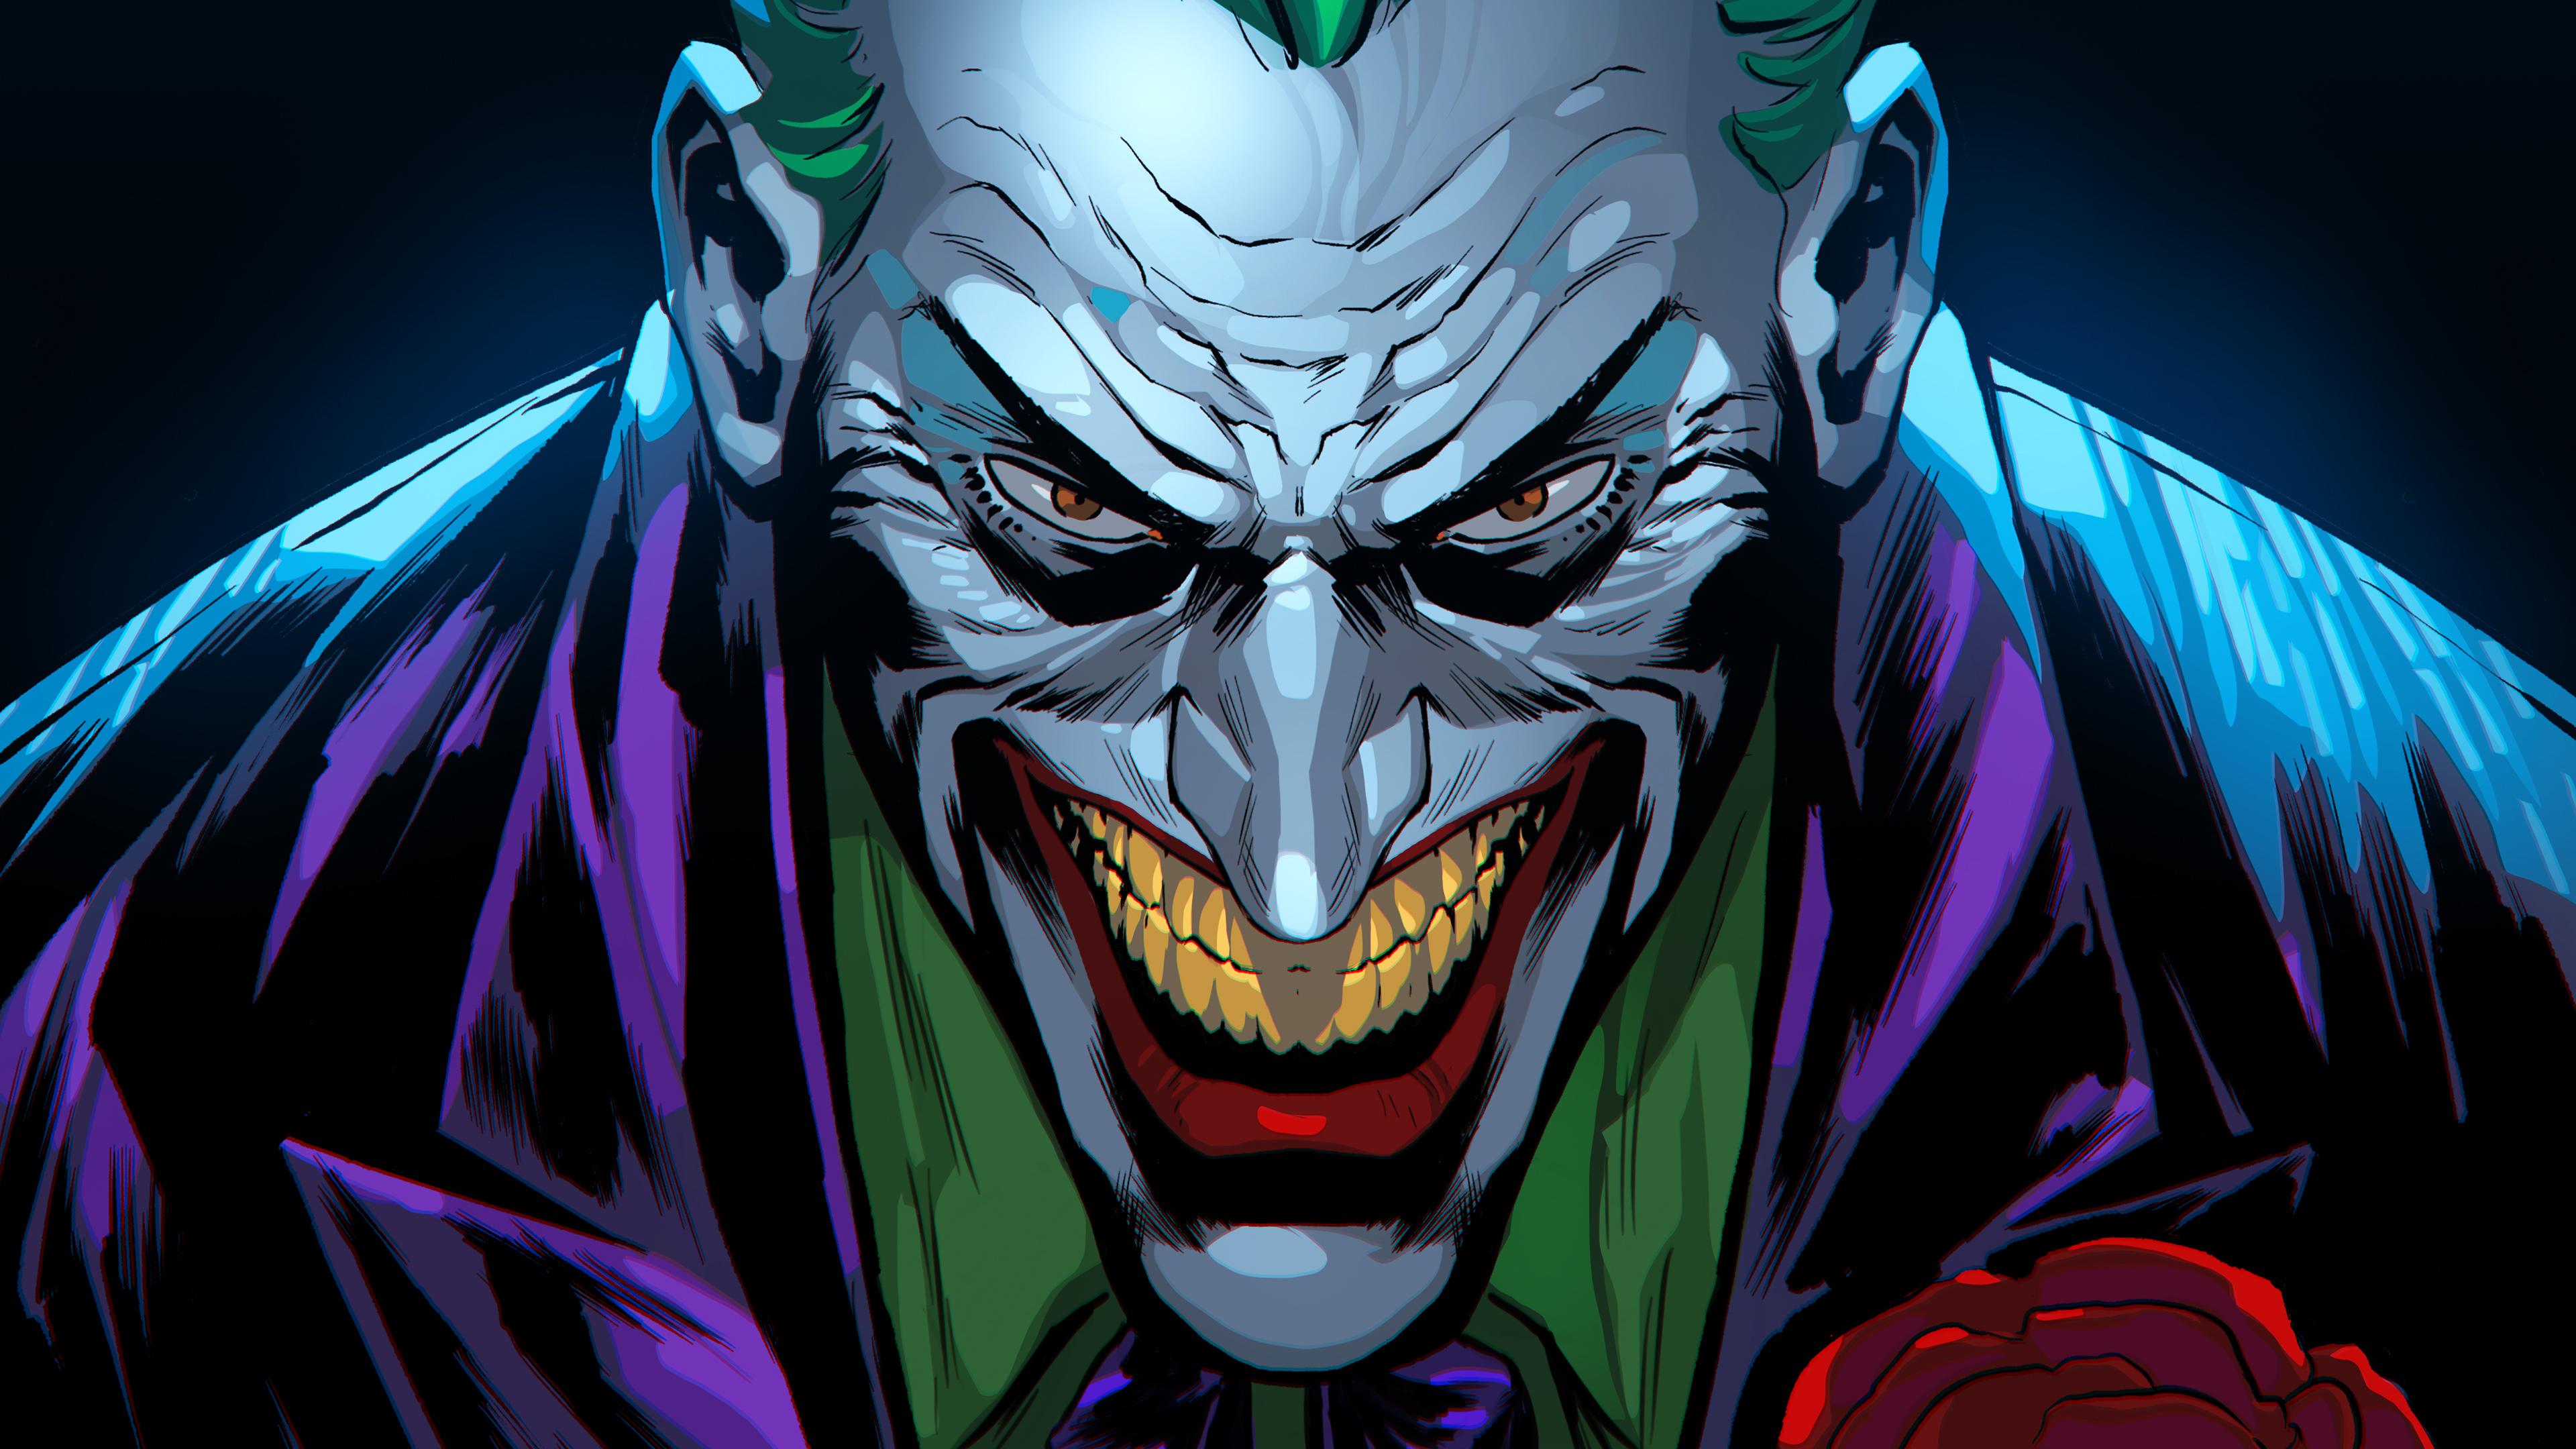 Joker Sketh Art 4k, HD Superheroes, 4k Wallpapers, Images ...